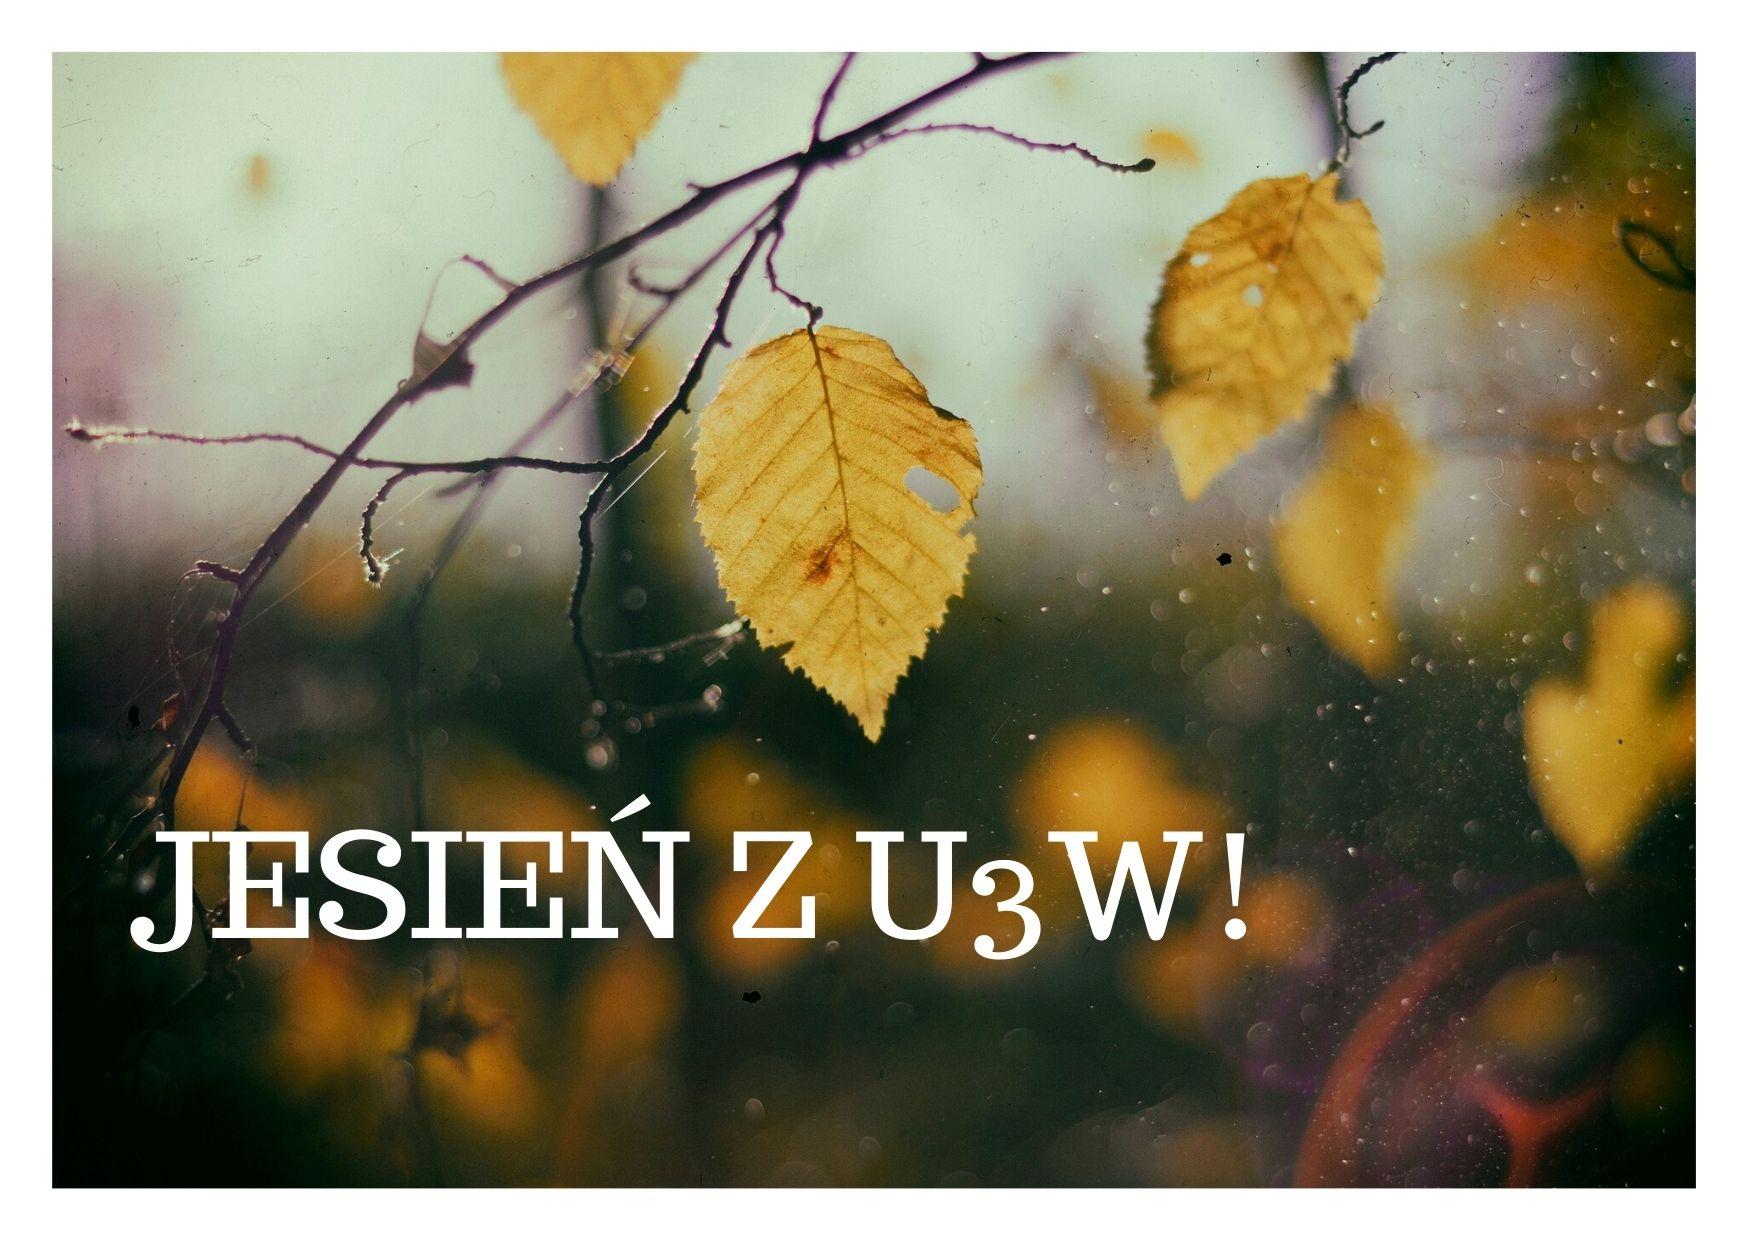 JESIEŃ Z U3W!